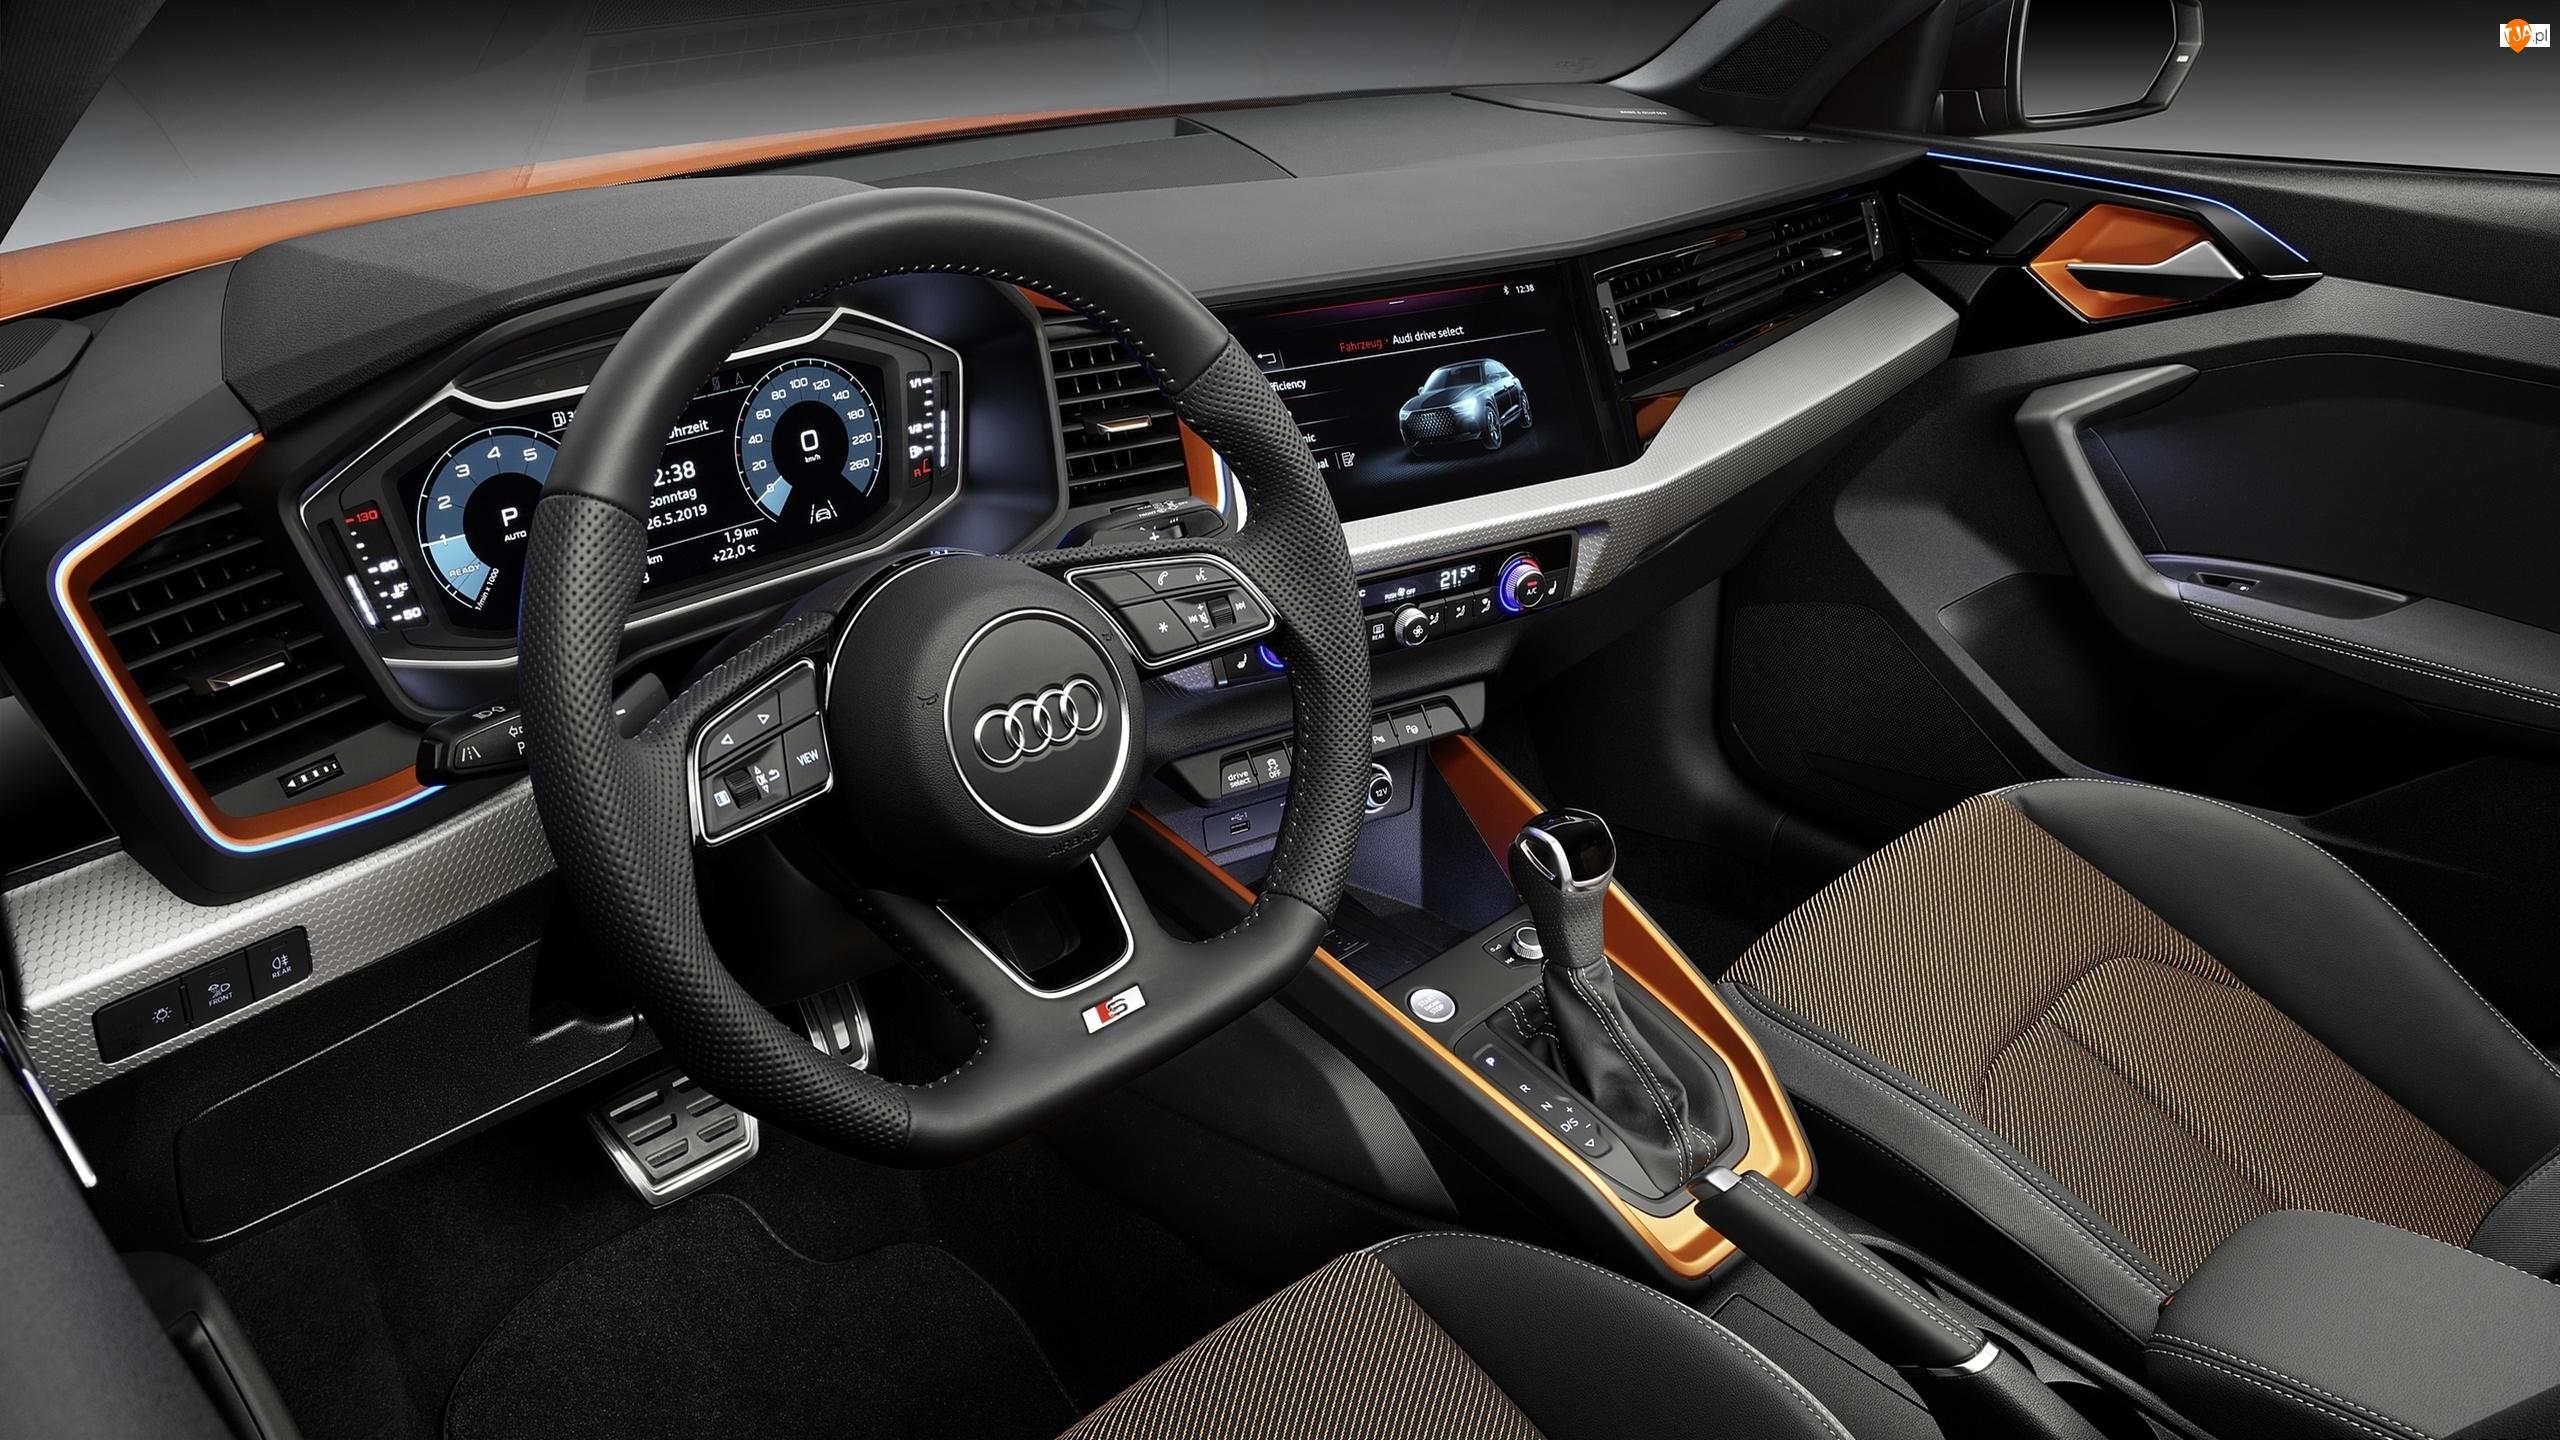 Kokpit, Kierownica, Wnętrze, Audi A1 Citycarver, Fotele